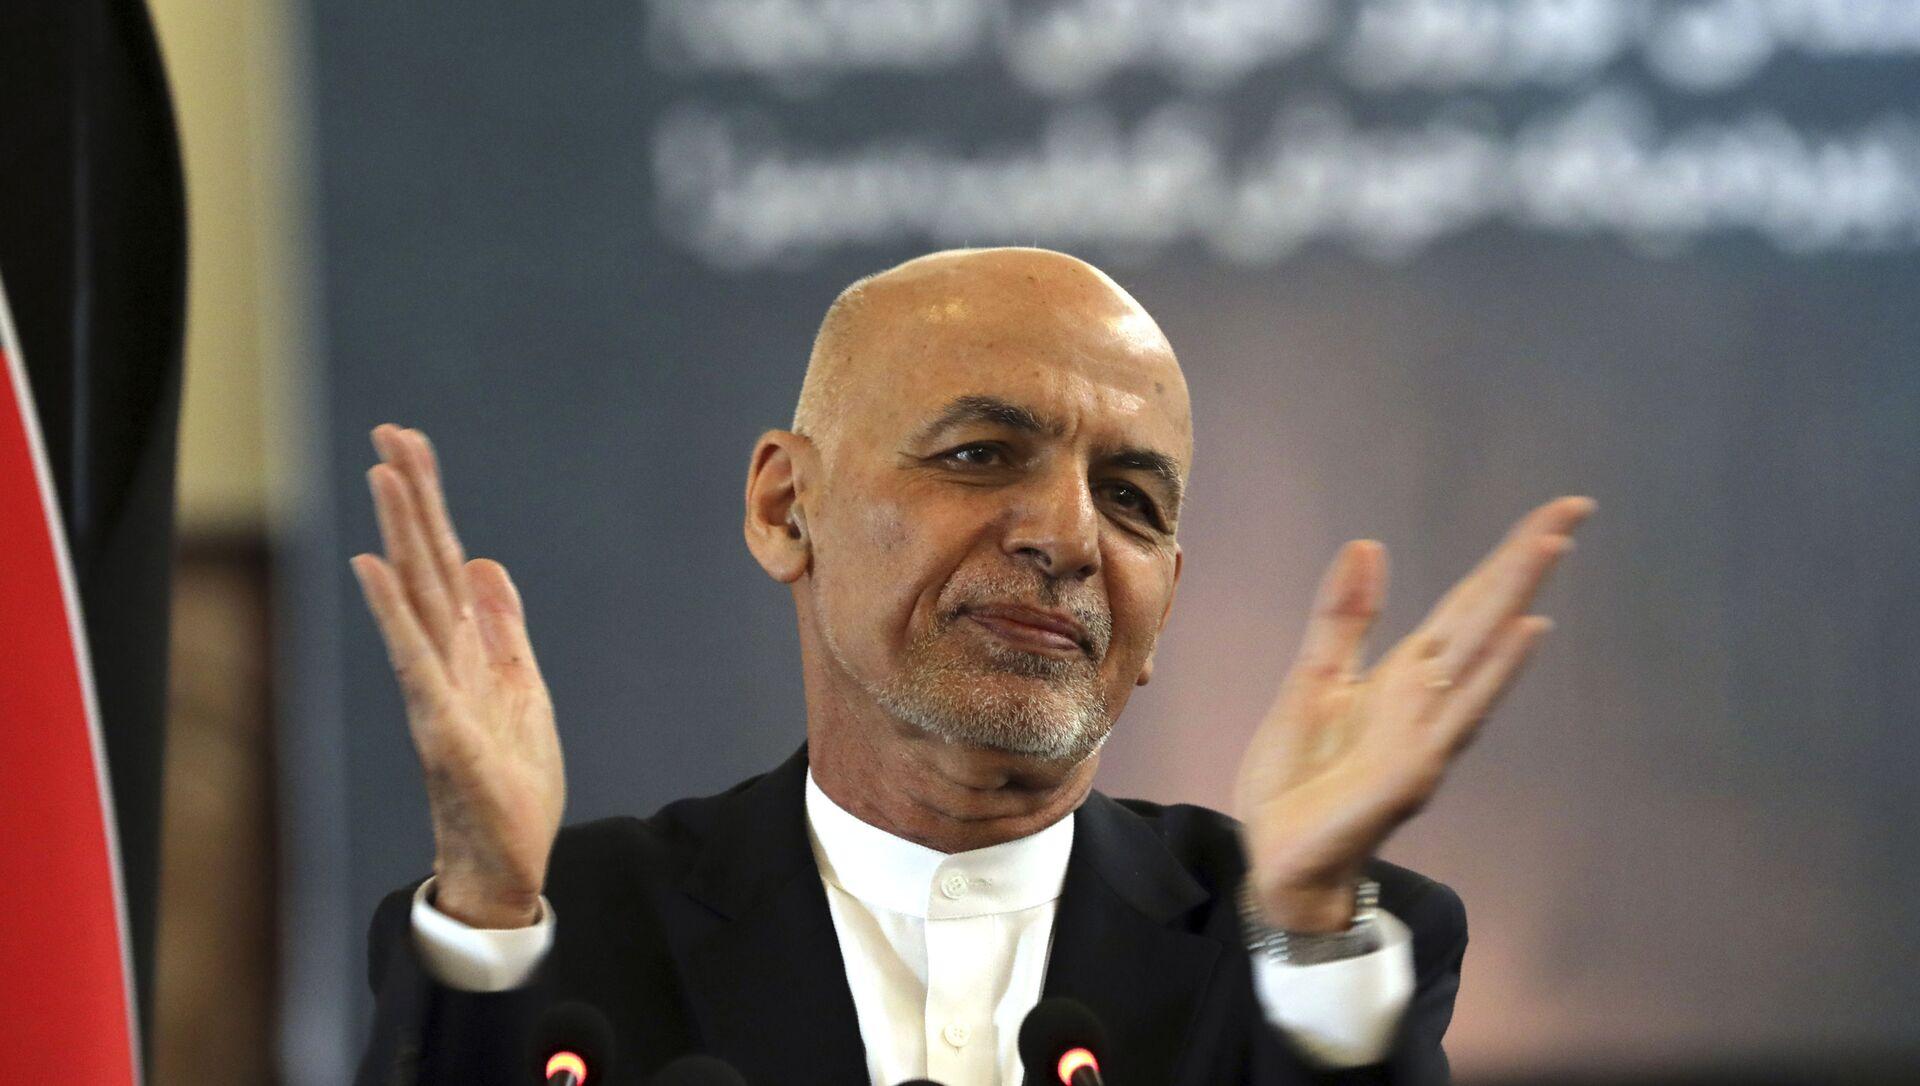 FILE - Trong ảnh hồ sơ ngày 21 tháng 3 năm 2021, Tổng thống Afghanistan Ashraf Ghani phát biểu trong buổi lễ mừng Năm mới của người Ba Tư, Nowruz tại dinh tổng thống ở Kabul, Afghanistan. Tổng thống Afghanistan rời khỏi đất nước vào Chủ nhật, tháng Tám. Ngày 15 năm 2021, tham gia cùng đồng bào và người nước ngoài của mình trong một cuộc giẫm đạp chạy trốn khỏi Taliban đang phát triển và báo hiệu sự kết thúc của cuộc thử nghiệm kéo dài 20 năm của phương Tây nhằm tái tạo Afghanistan. - Sputnik Việt Nam, 1920, 21.08.2021